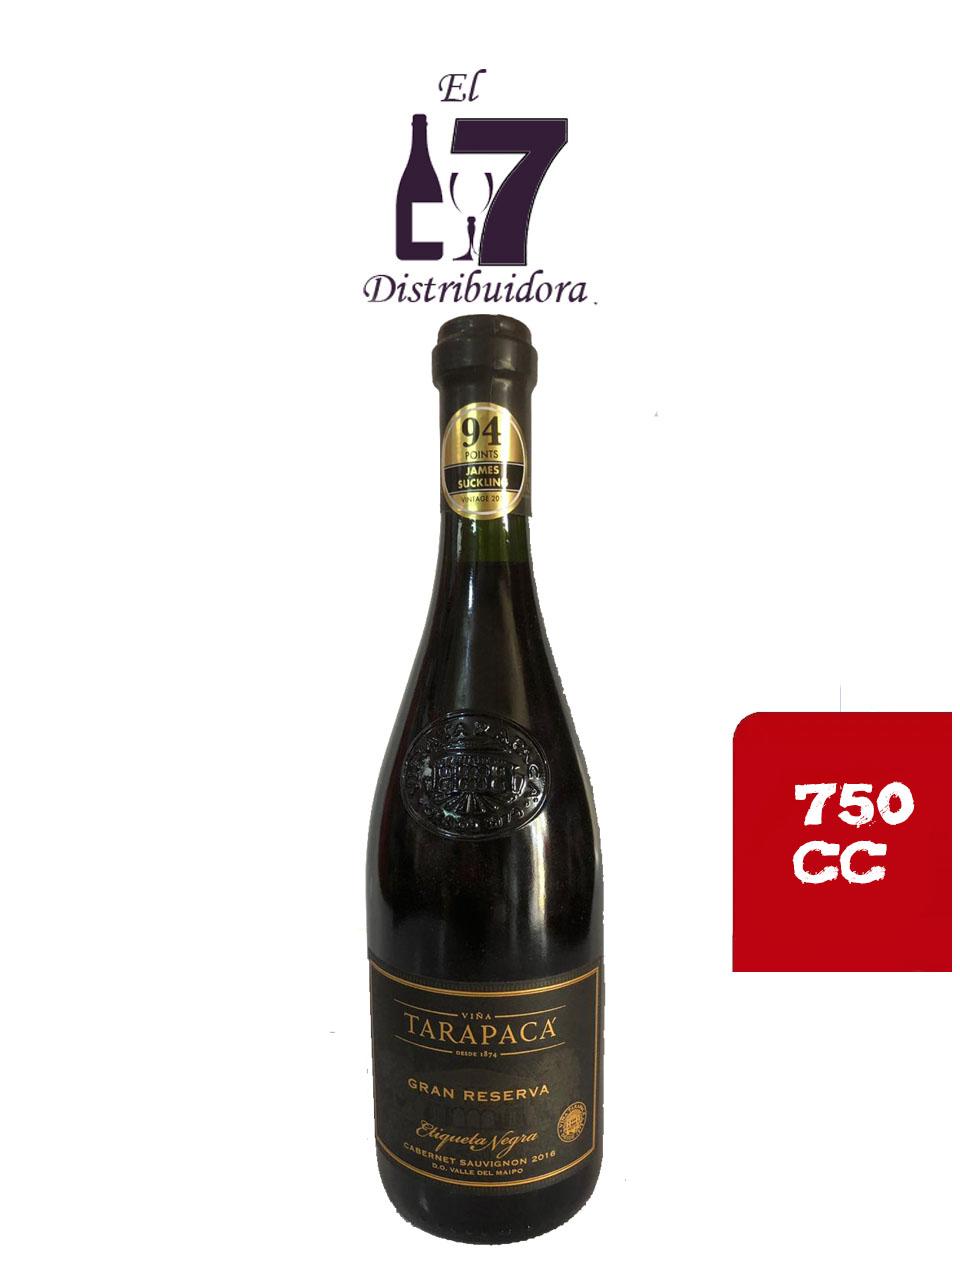 Tarapaca Gran Reserva Etiqueta Negra Cabernet Sauvignon 750 CC